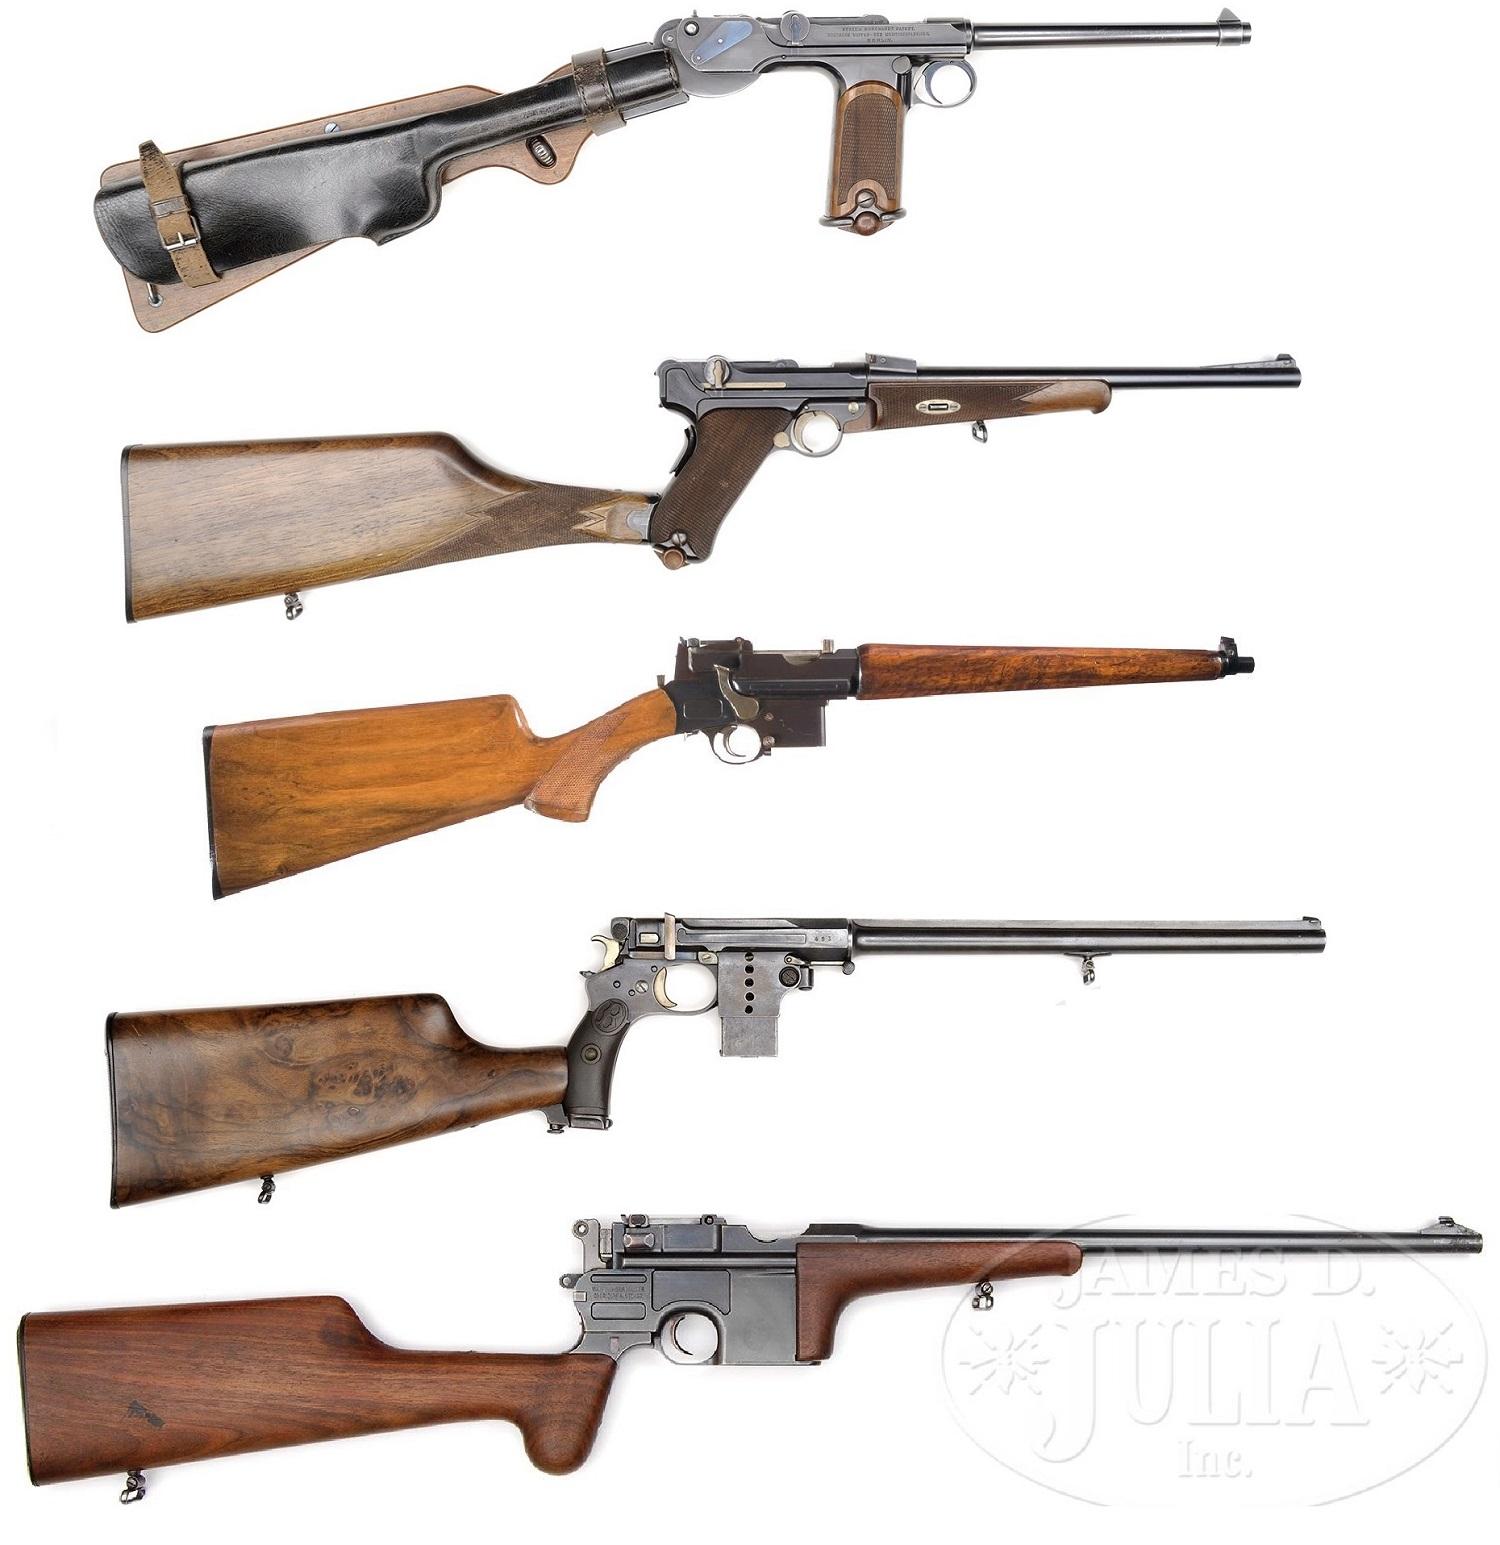 Пистолет-карабин Люгер и его основные разновидности (Luger